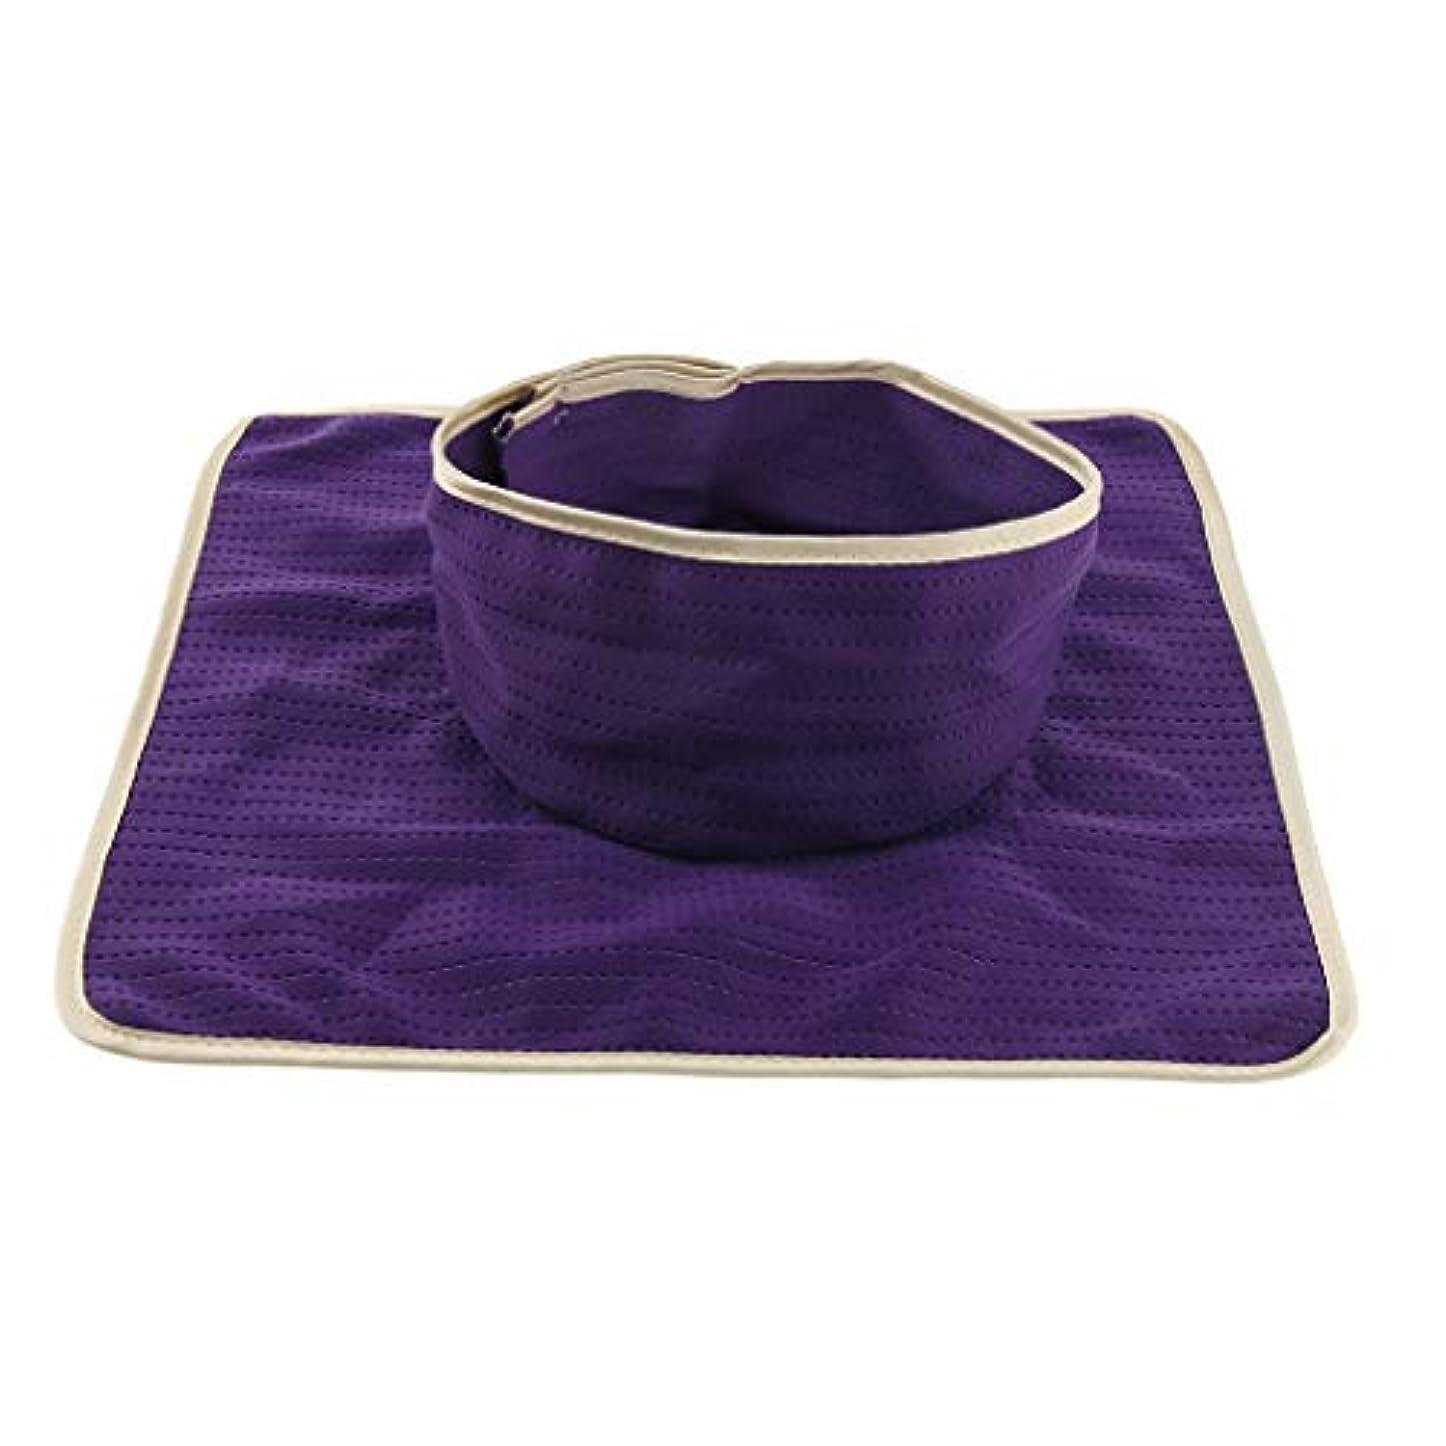 楽観遺伝的拒絶するマッサージのベッド用 パッド マットシート 顔の穴付き 洗える 約35×35cm 全3色 - 紫